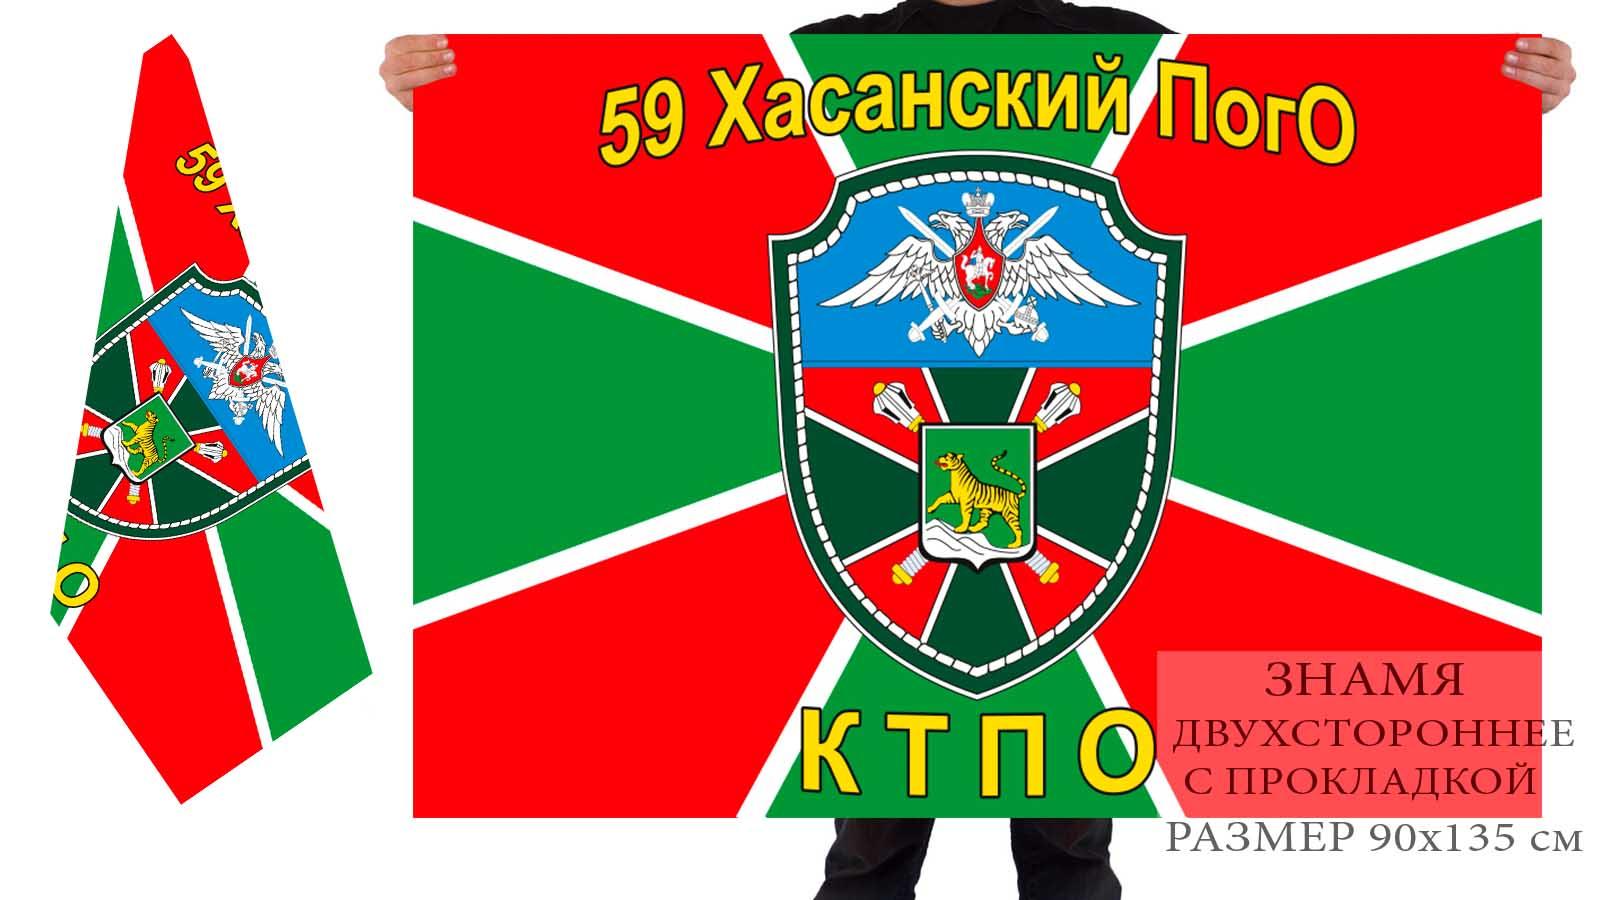 Двусторонний флаг 59 Хасанского пограничного отряда